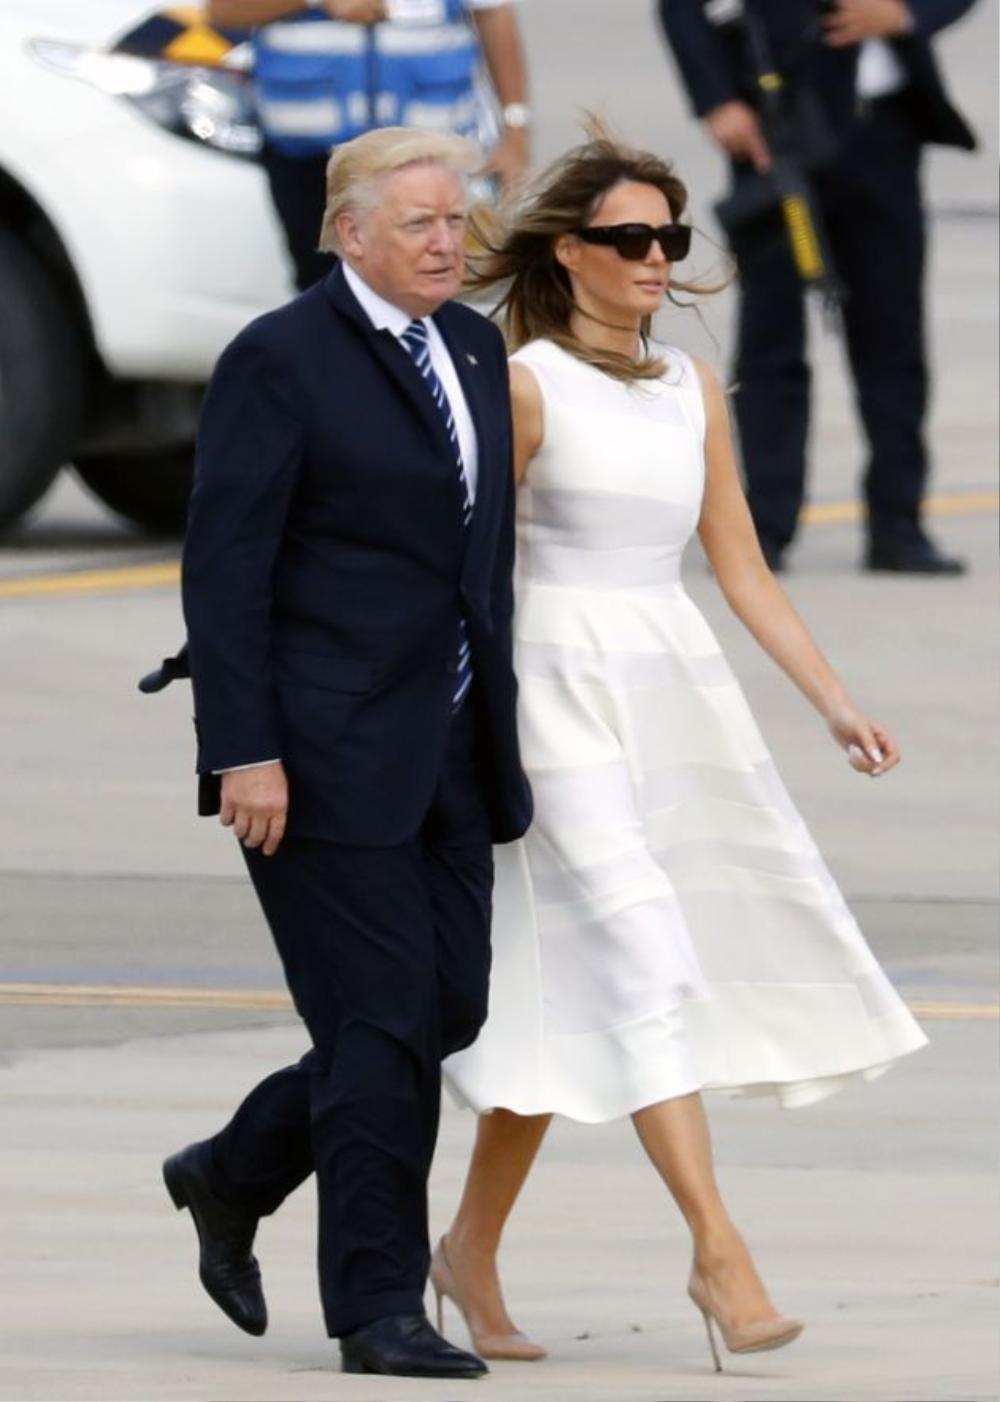 Đệ nhất phu nhân Mỹ Melania Trump cứ diện váy trắng tinh khôi là nhận được vô vàn lời khen Ảnh 6